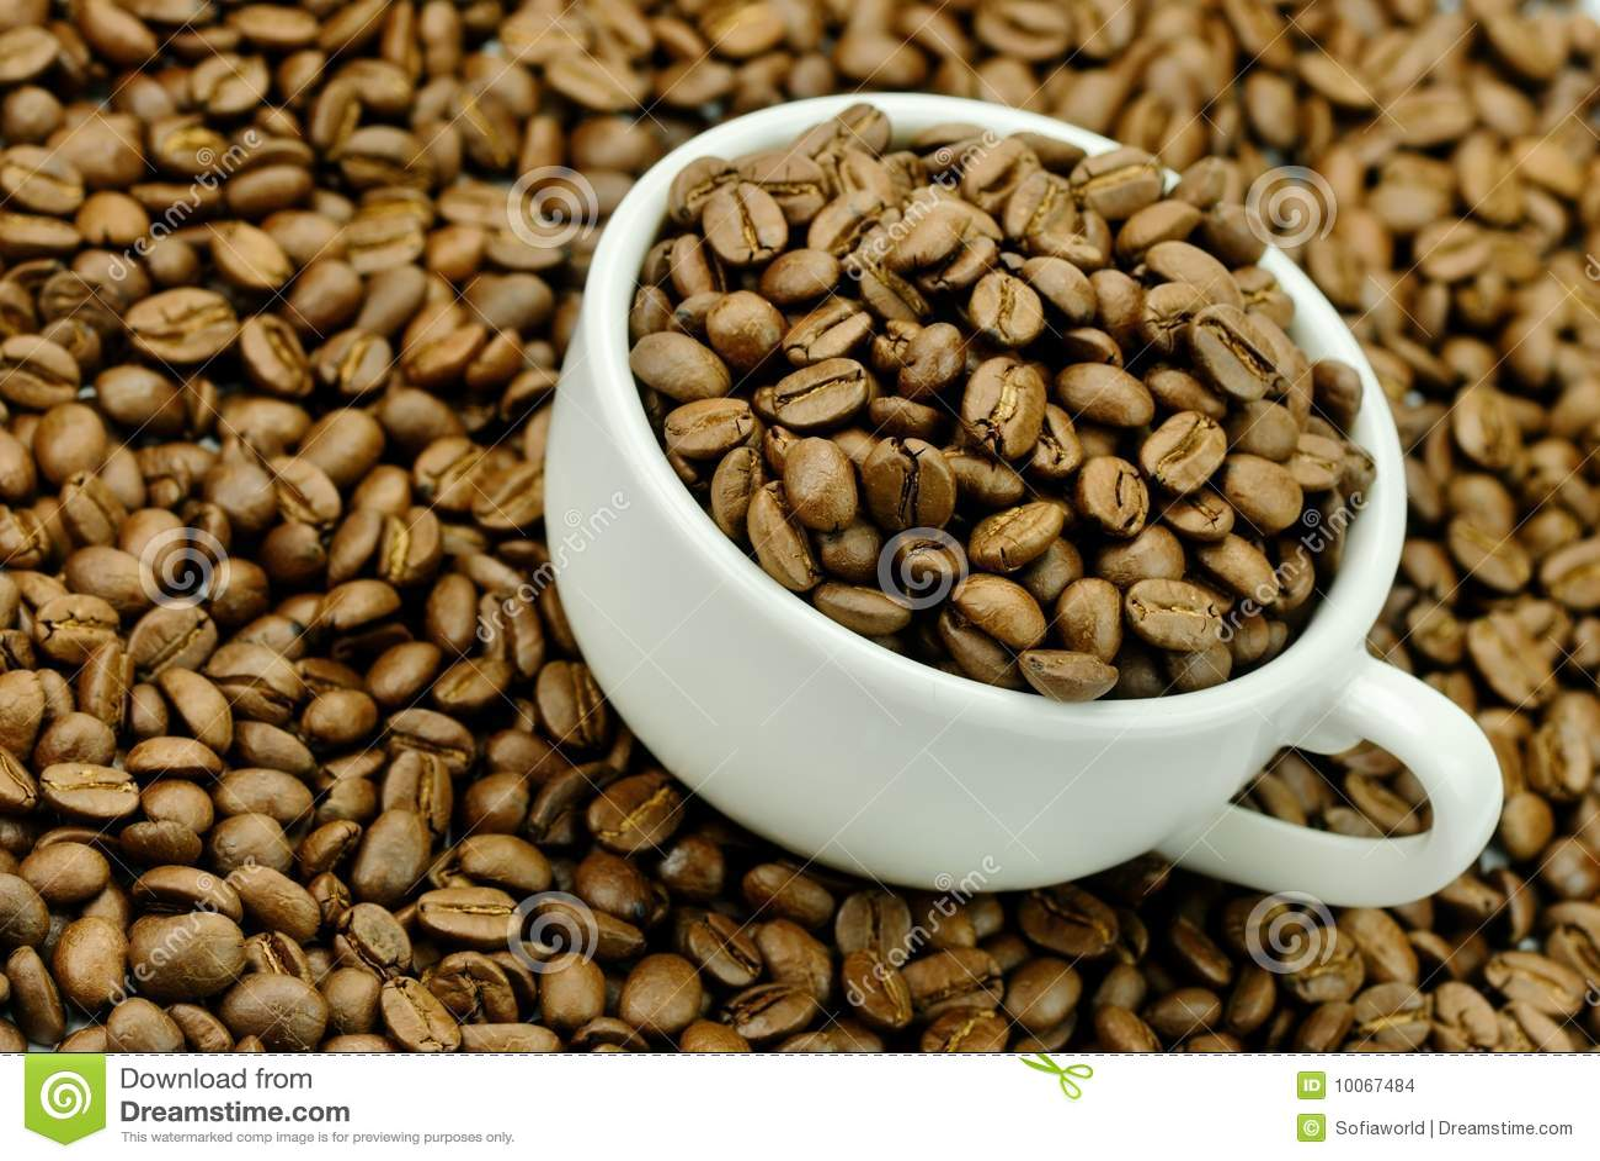 Feijões de café